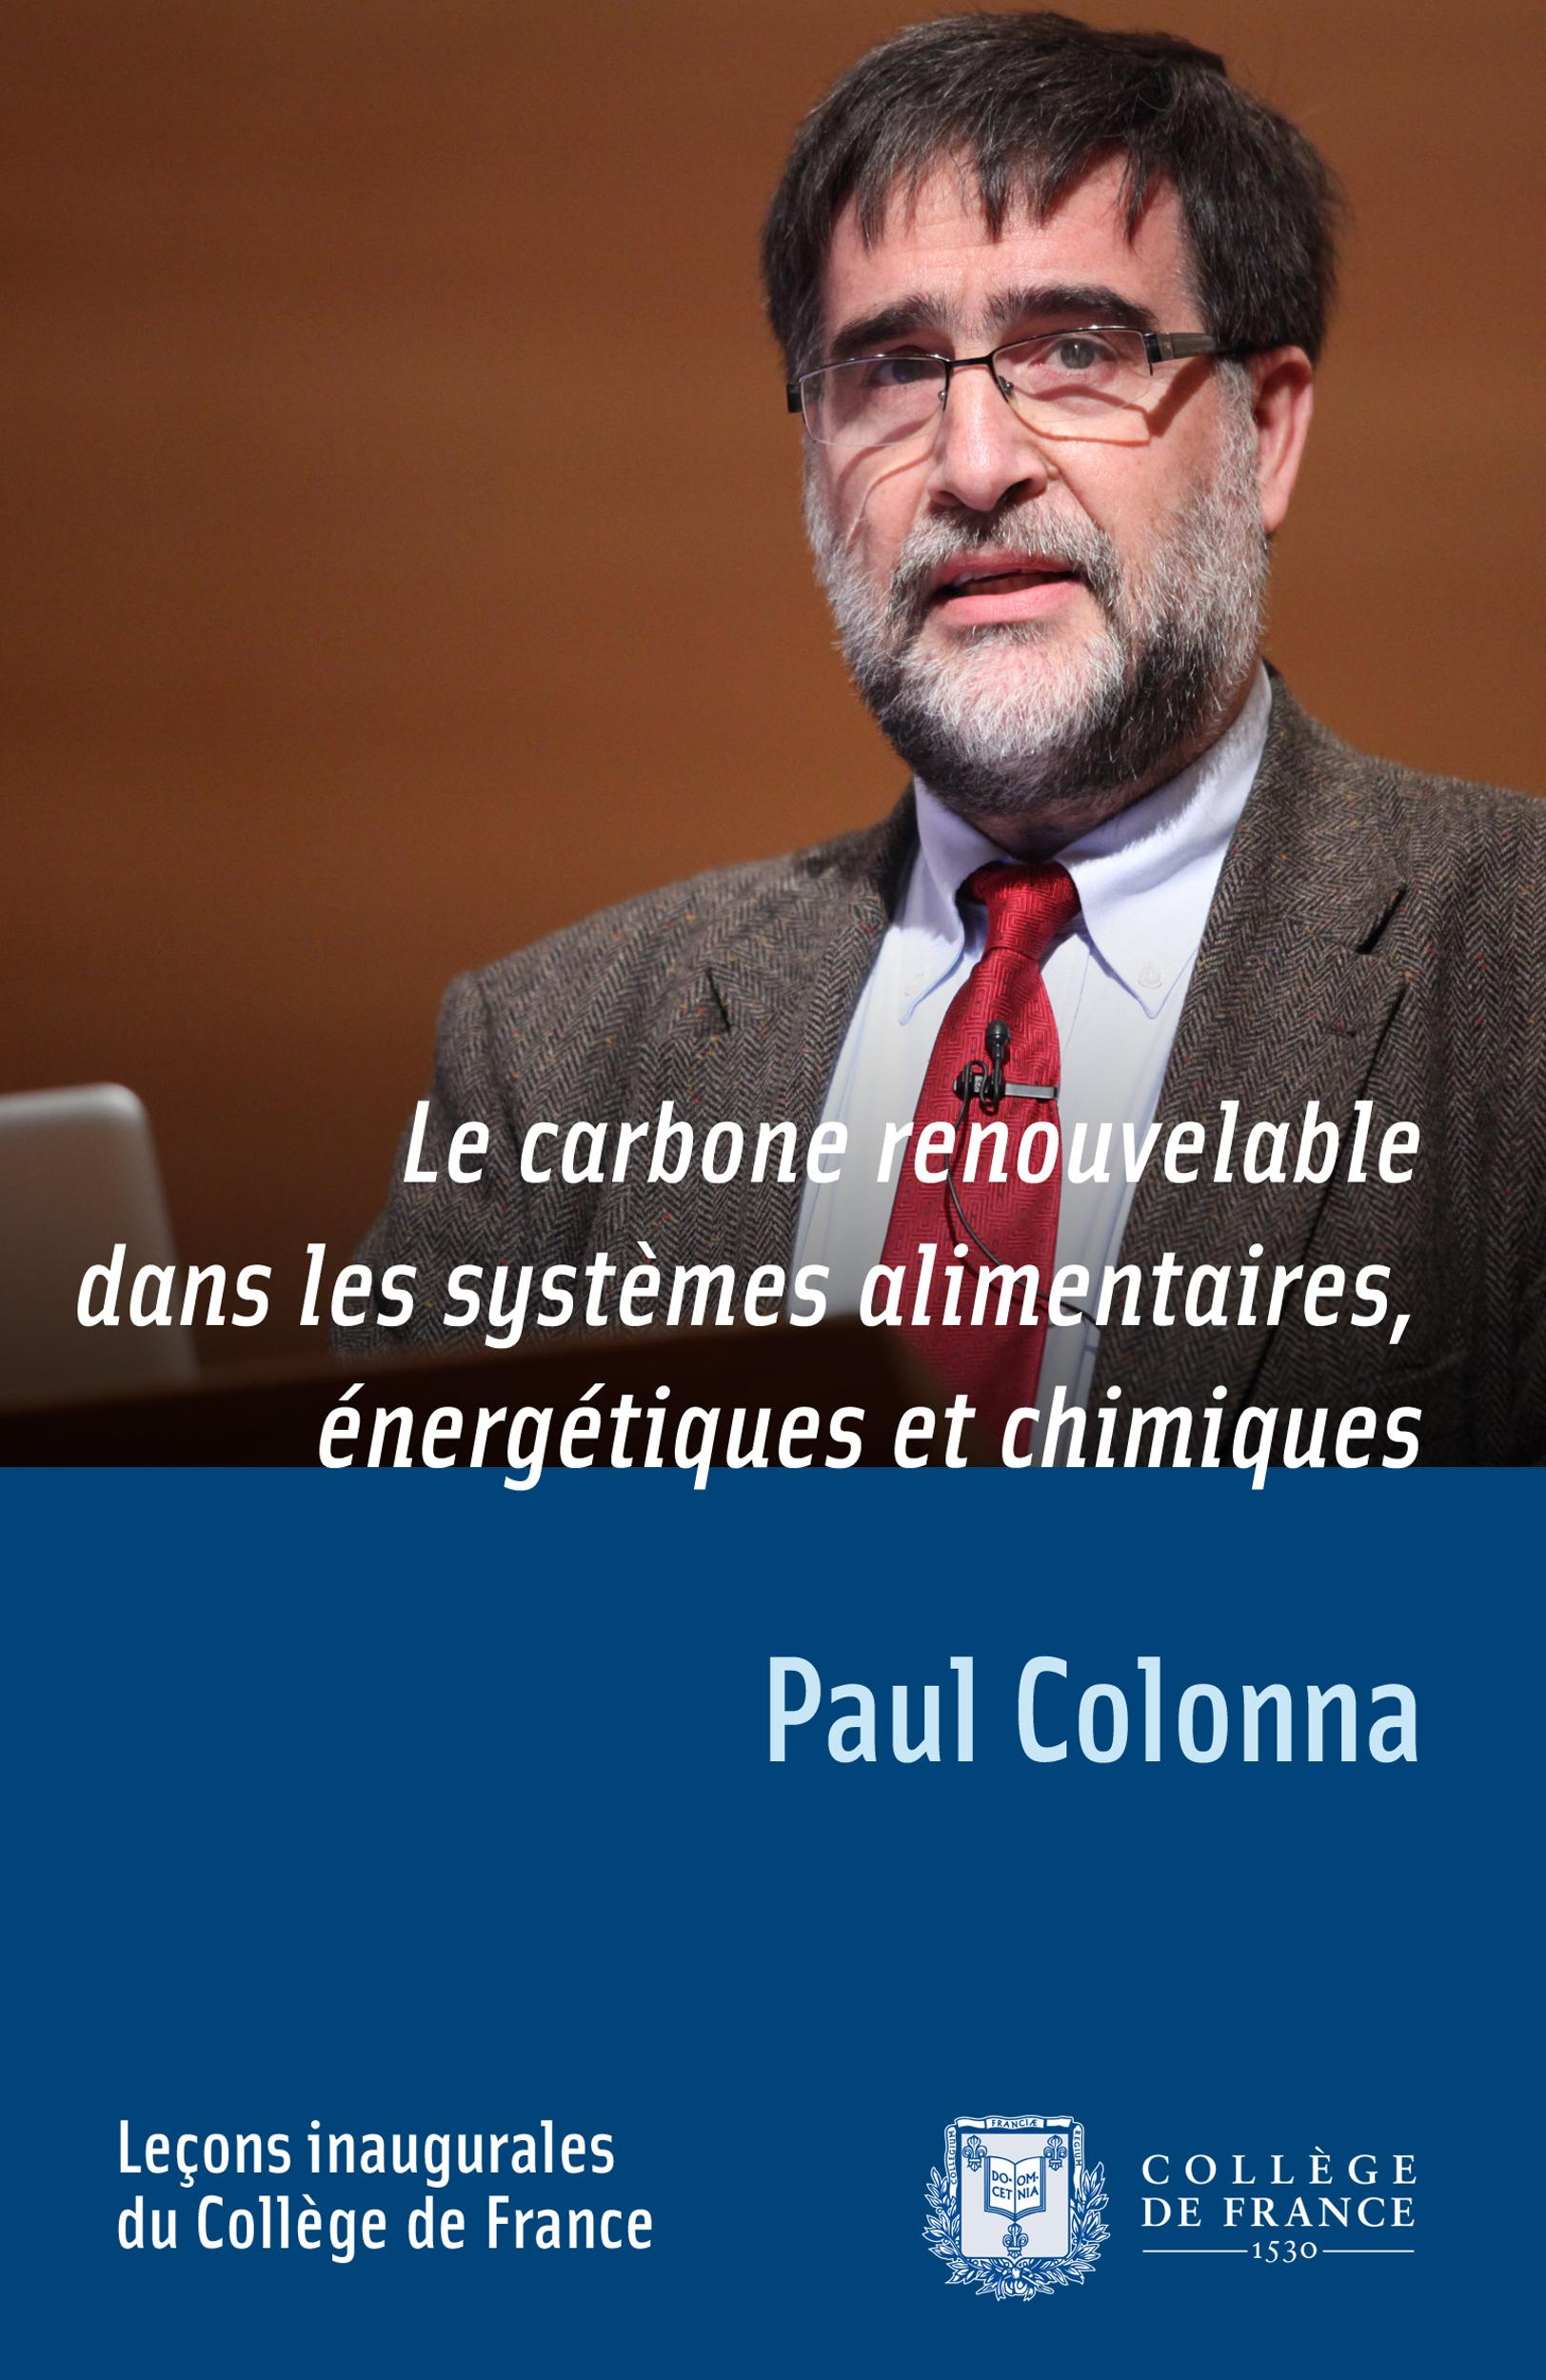 Le carbone renouvelable dans les systèmes alimentaires, énergétiques et chimiques, LEÇON INAUGURALE PRONONCÉE LE JEUDI 15DÉCEMBRE2011